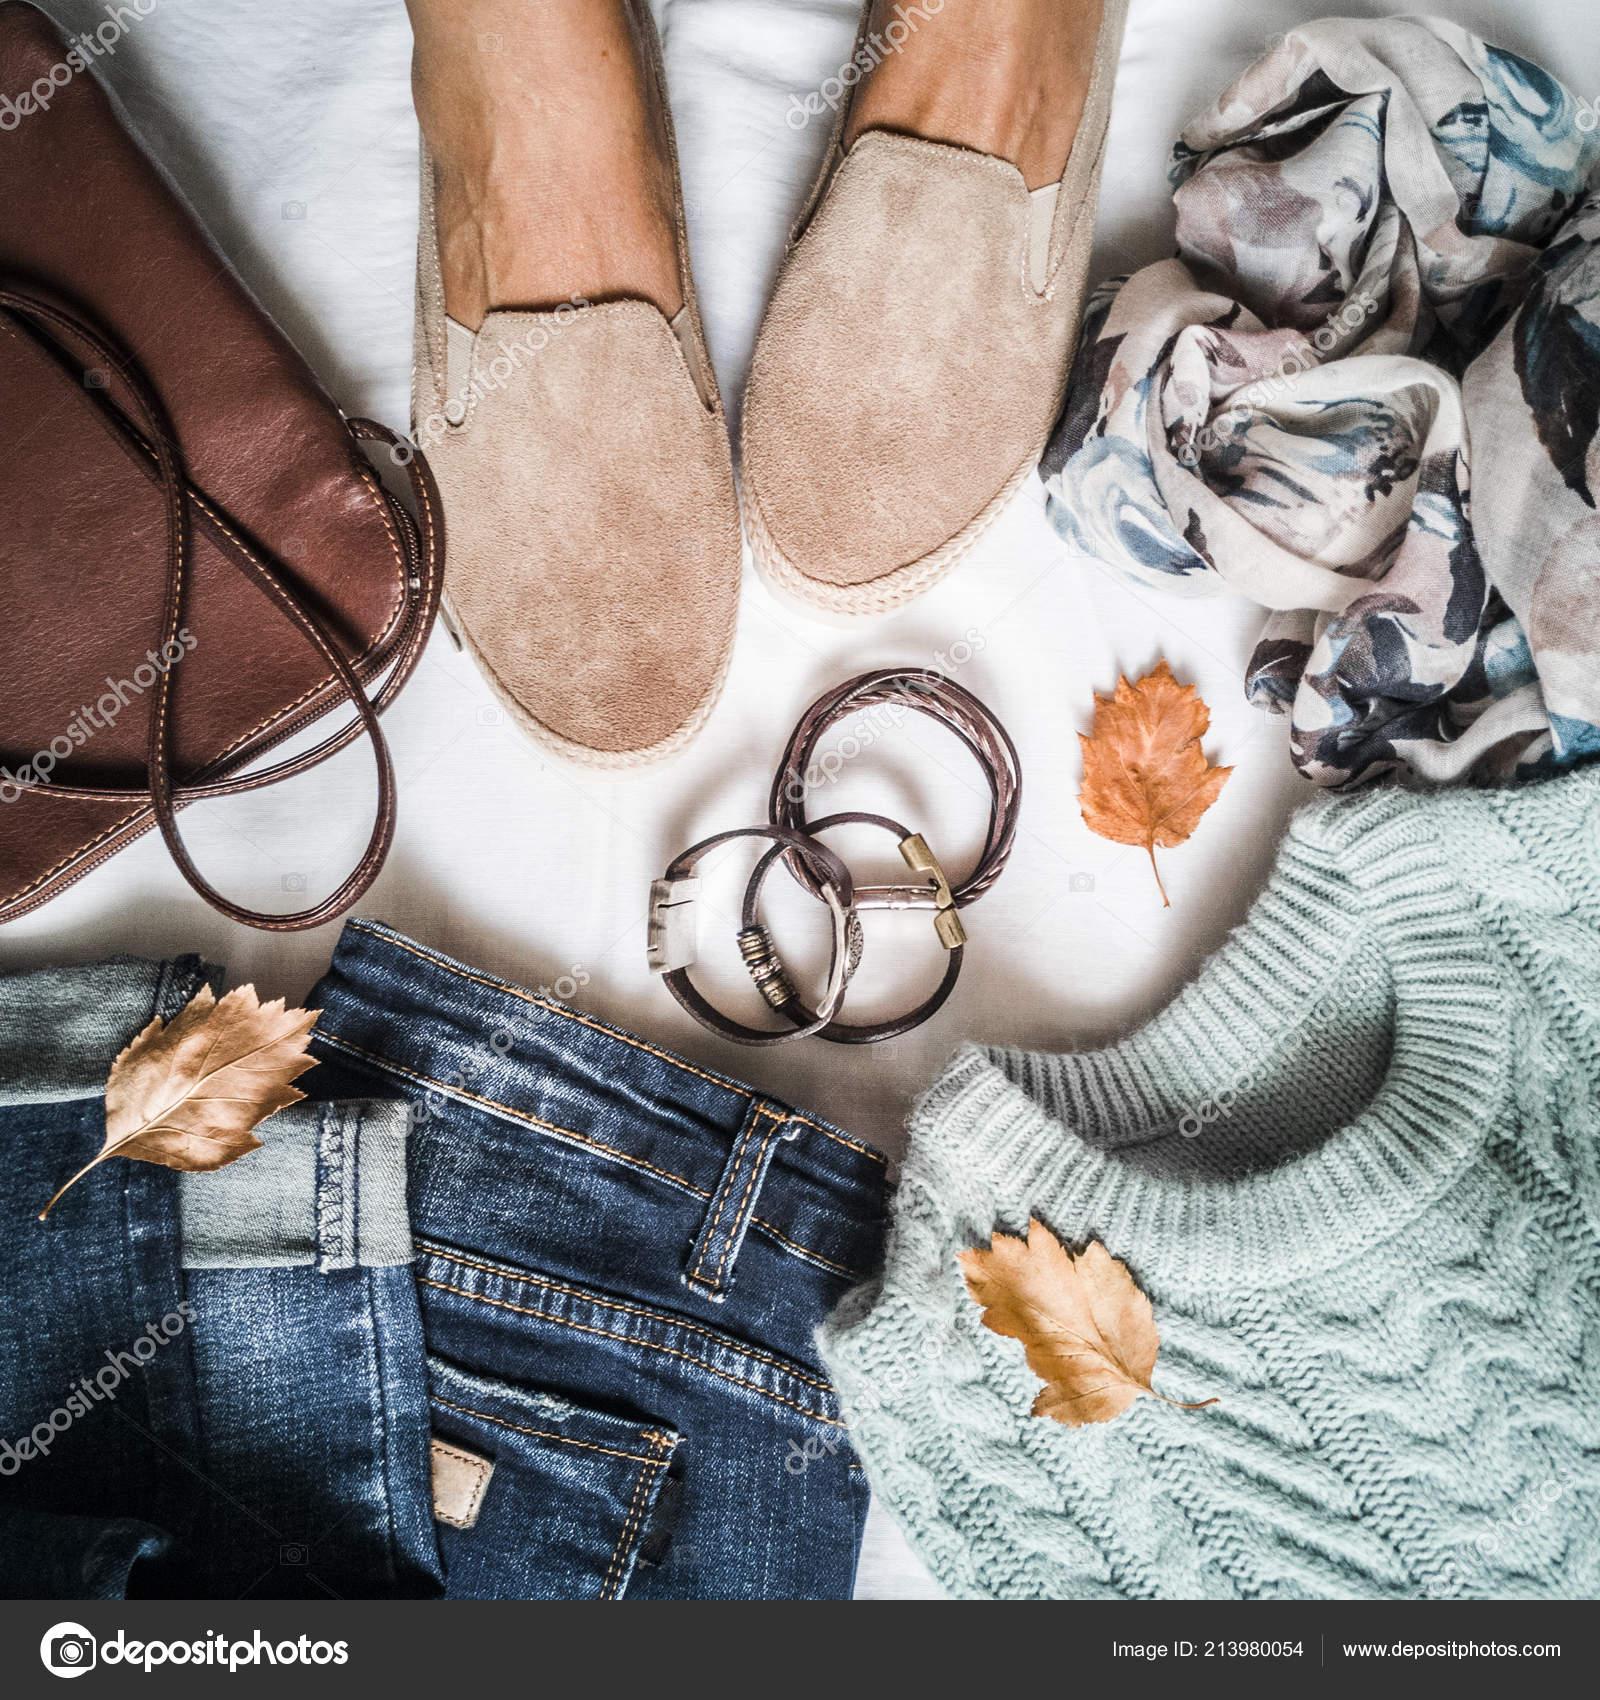 c95f7af49ac Γυναικεία Φθινοπωρινά Ρούχα σετ - πάνινα παπούτσια σουέτ, τζιν, πουλόβερ,  κασκόλ και δερμάτινη τσάντα. Γυναικεία πόδια σε πάνινα παπούτσια σουέτ ...